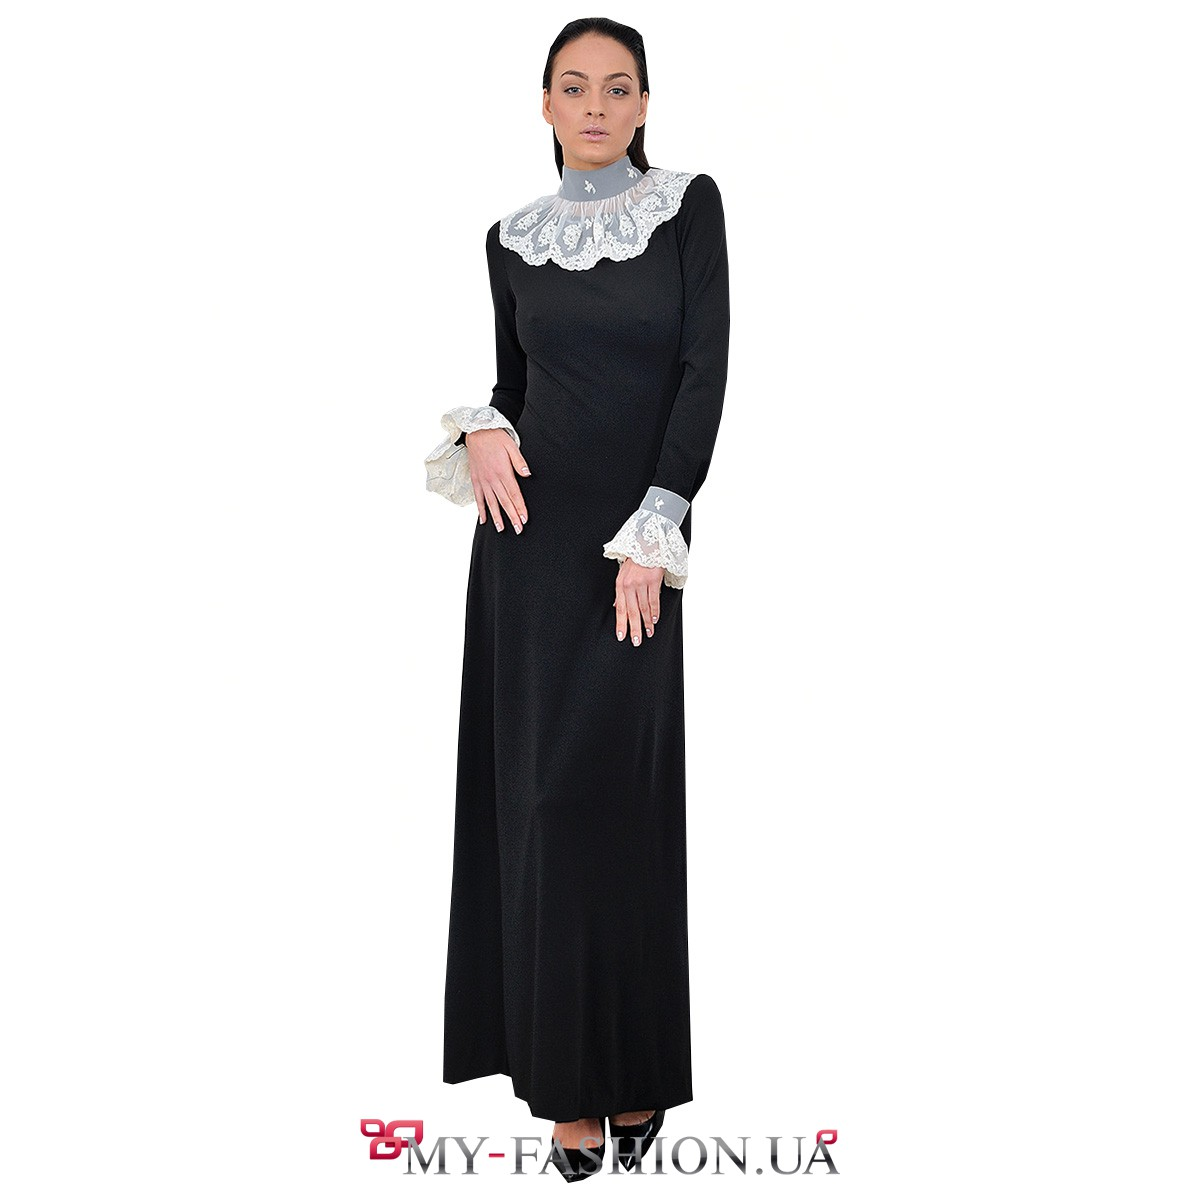 Платье с воротником и манжетами